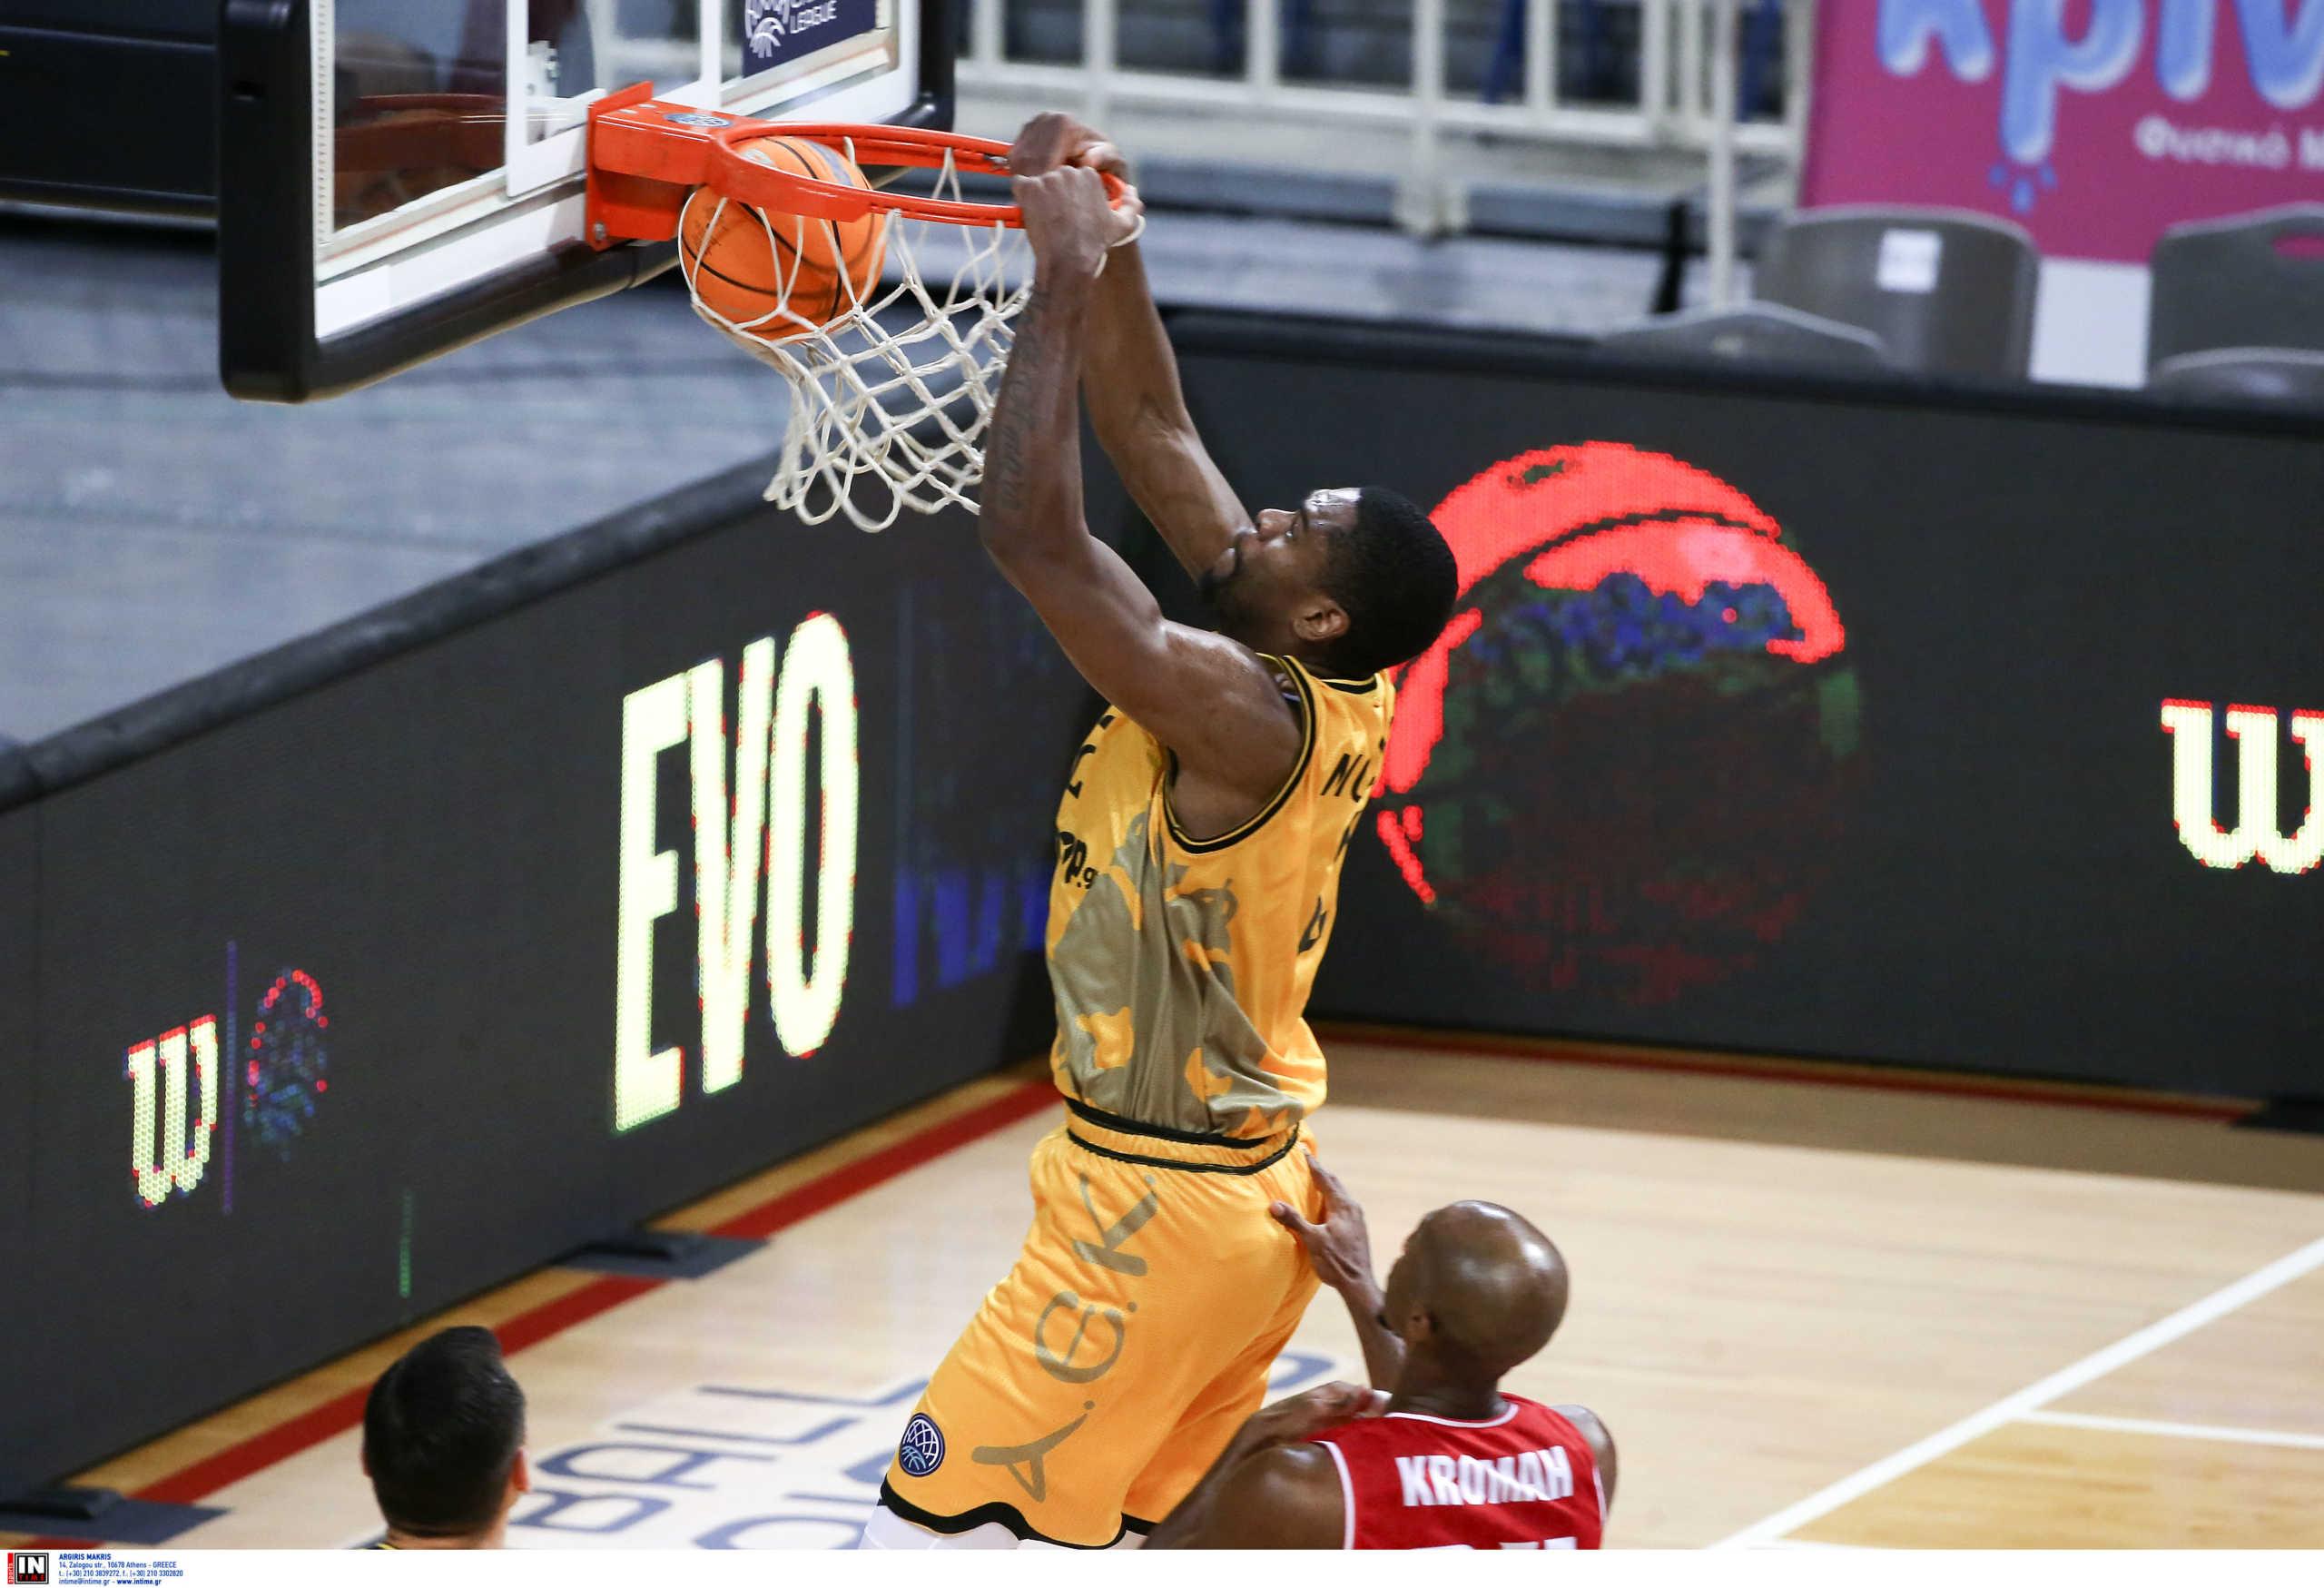 ΑΕΚ: Ο Μορέιρα πολυτιμότερος παίκτης για το Νοέμβριο στο Basketball Champions League (video)